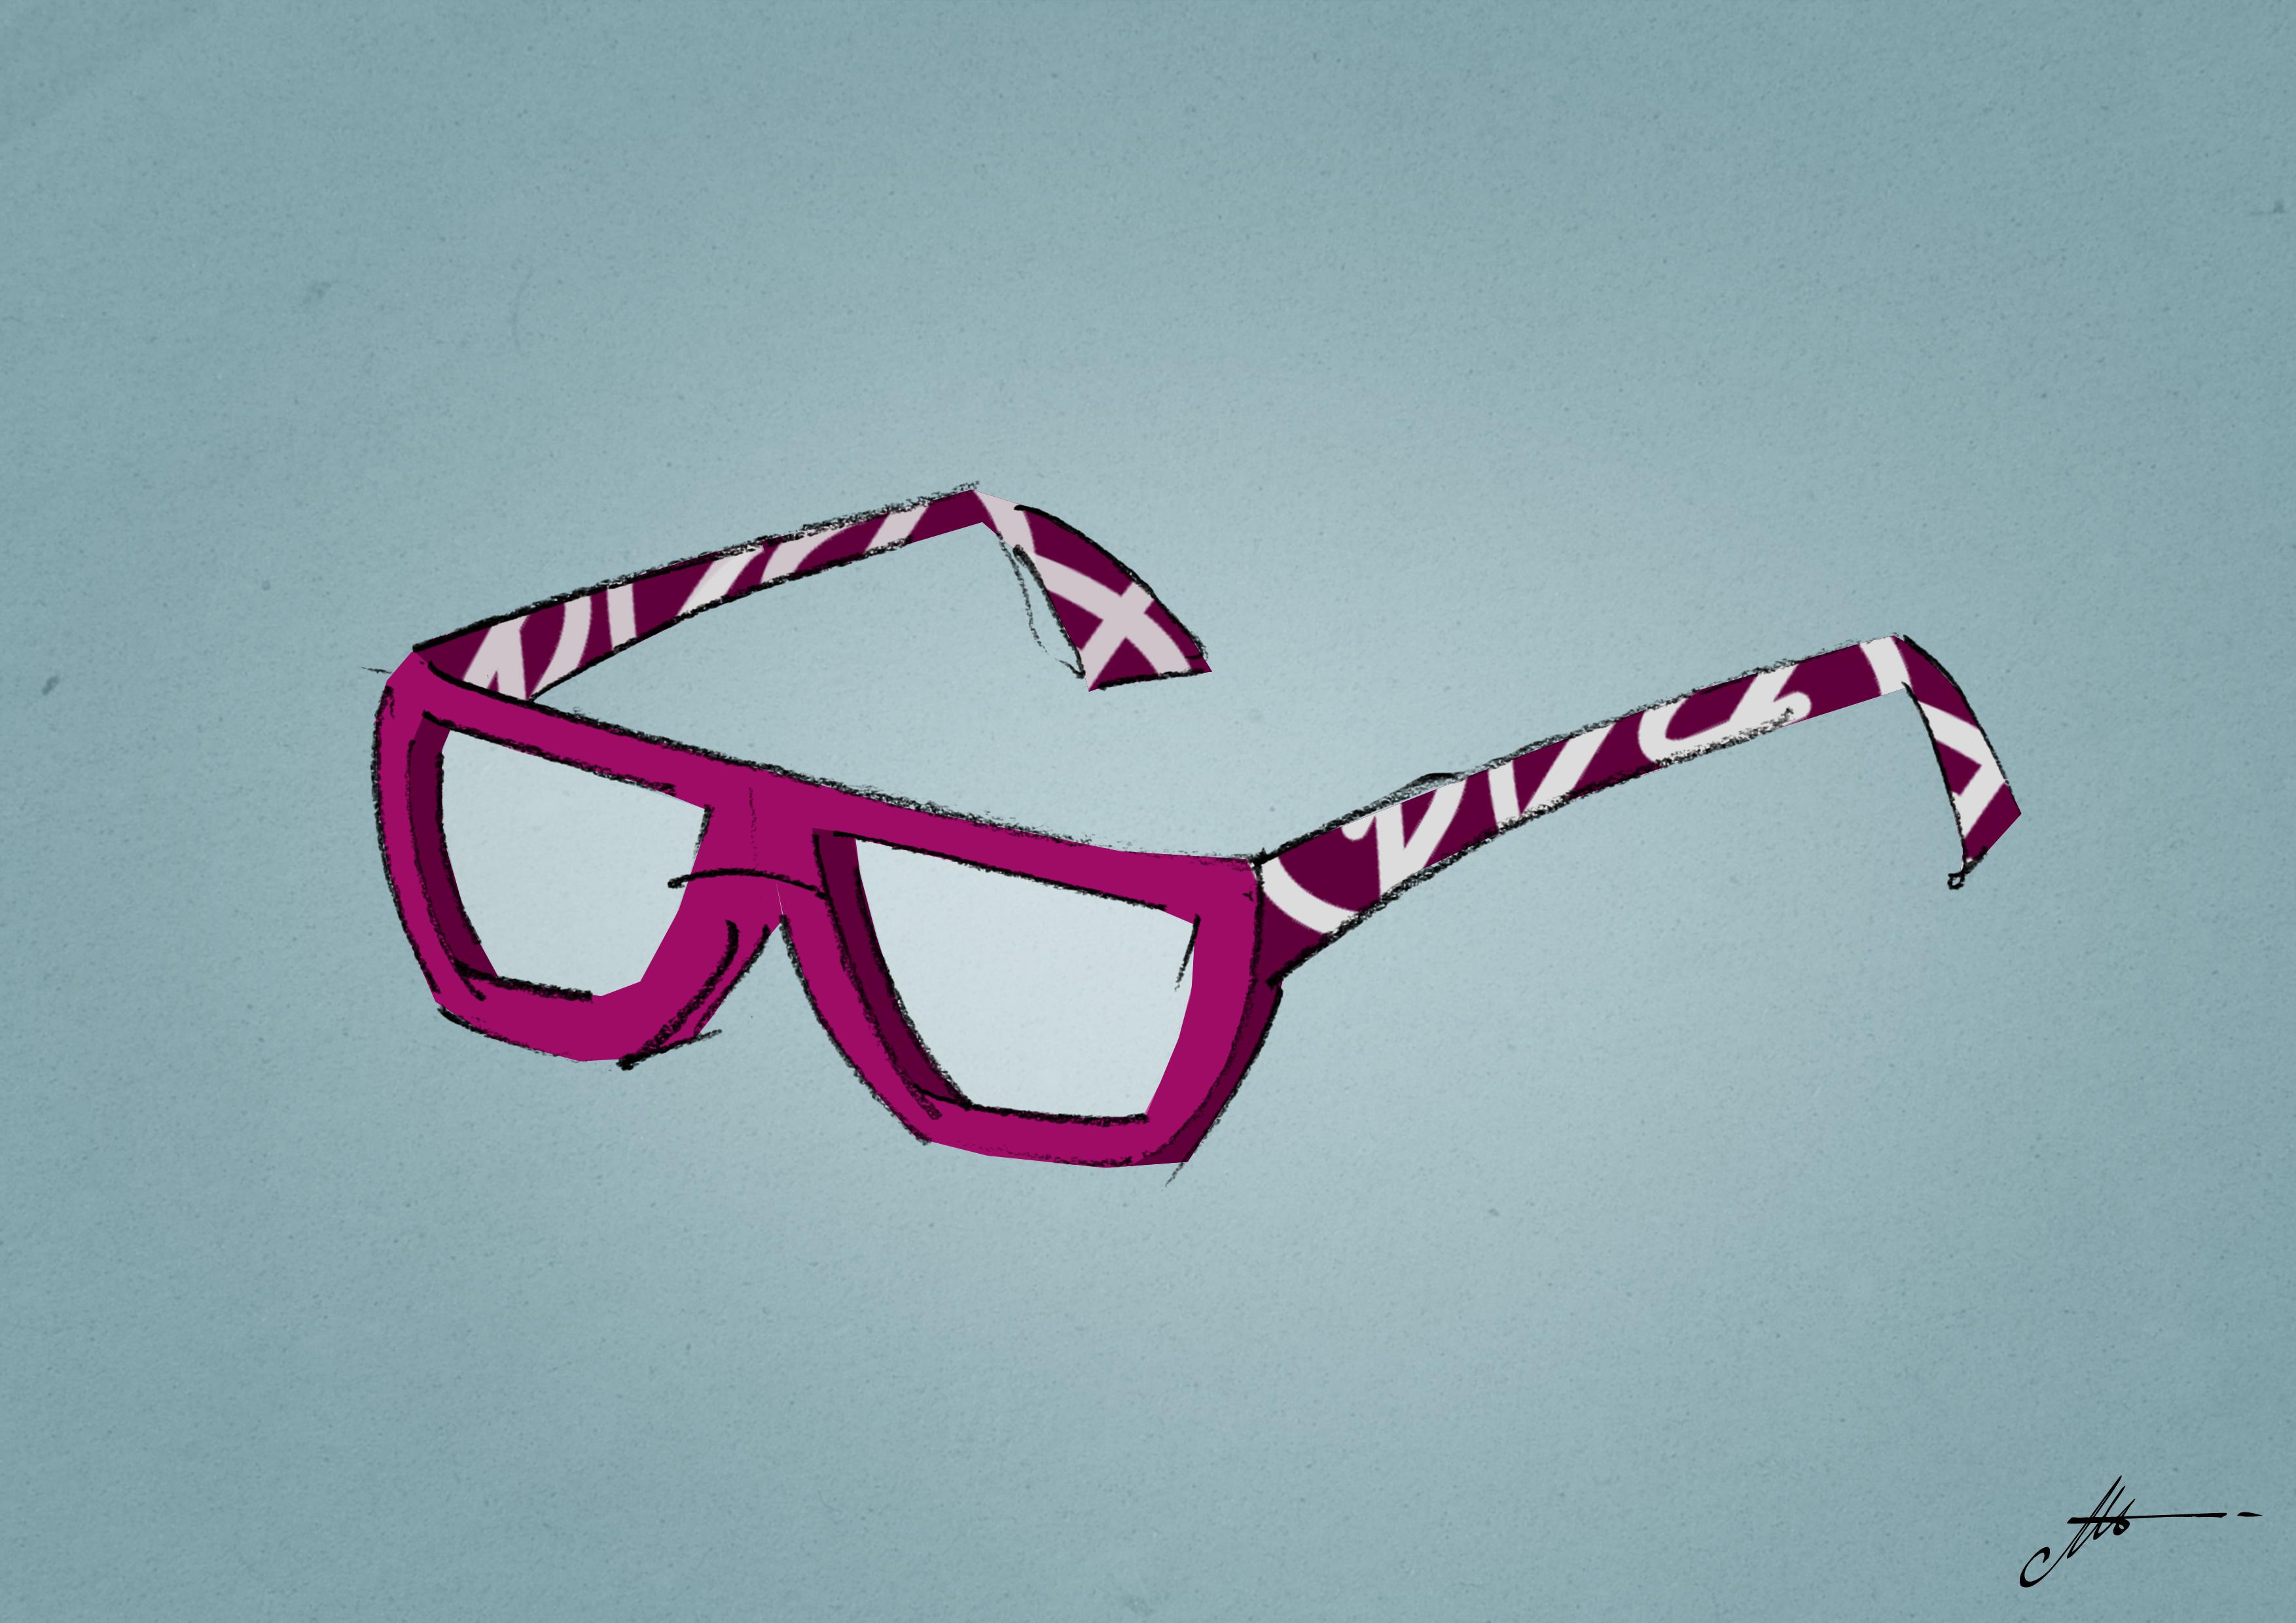 Stampare tampografia su stanghette occhiali